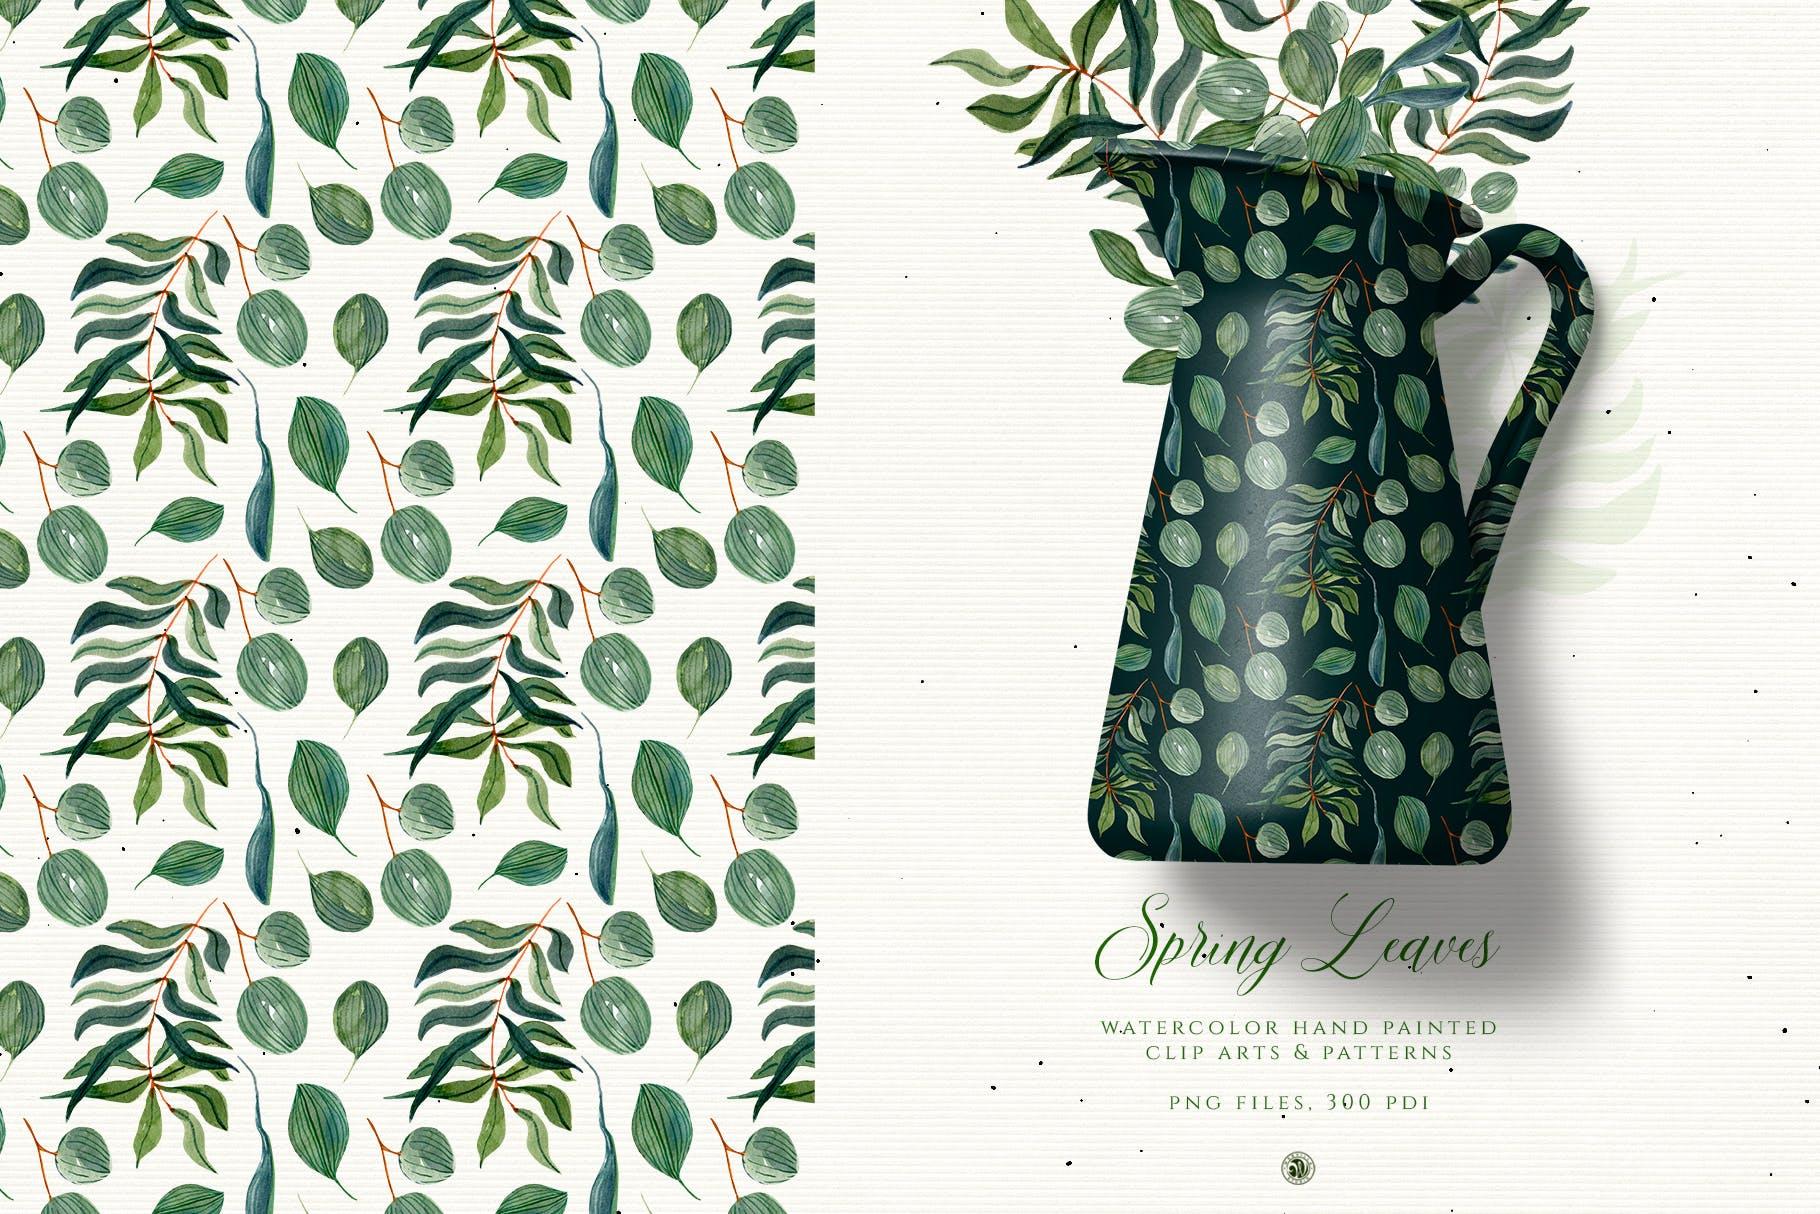 春叶手绘花卉水彩艺术矢量图案素材下载Spring Leaves插图(3)